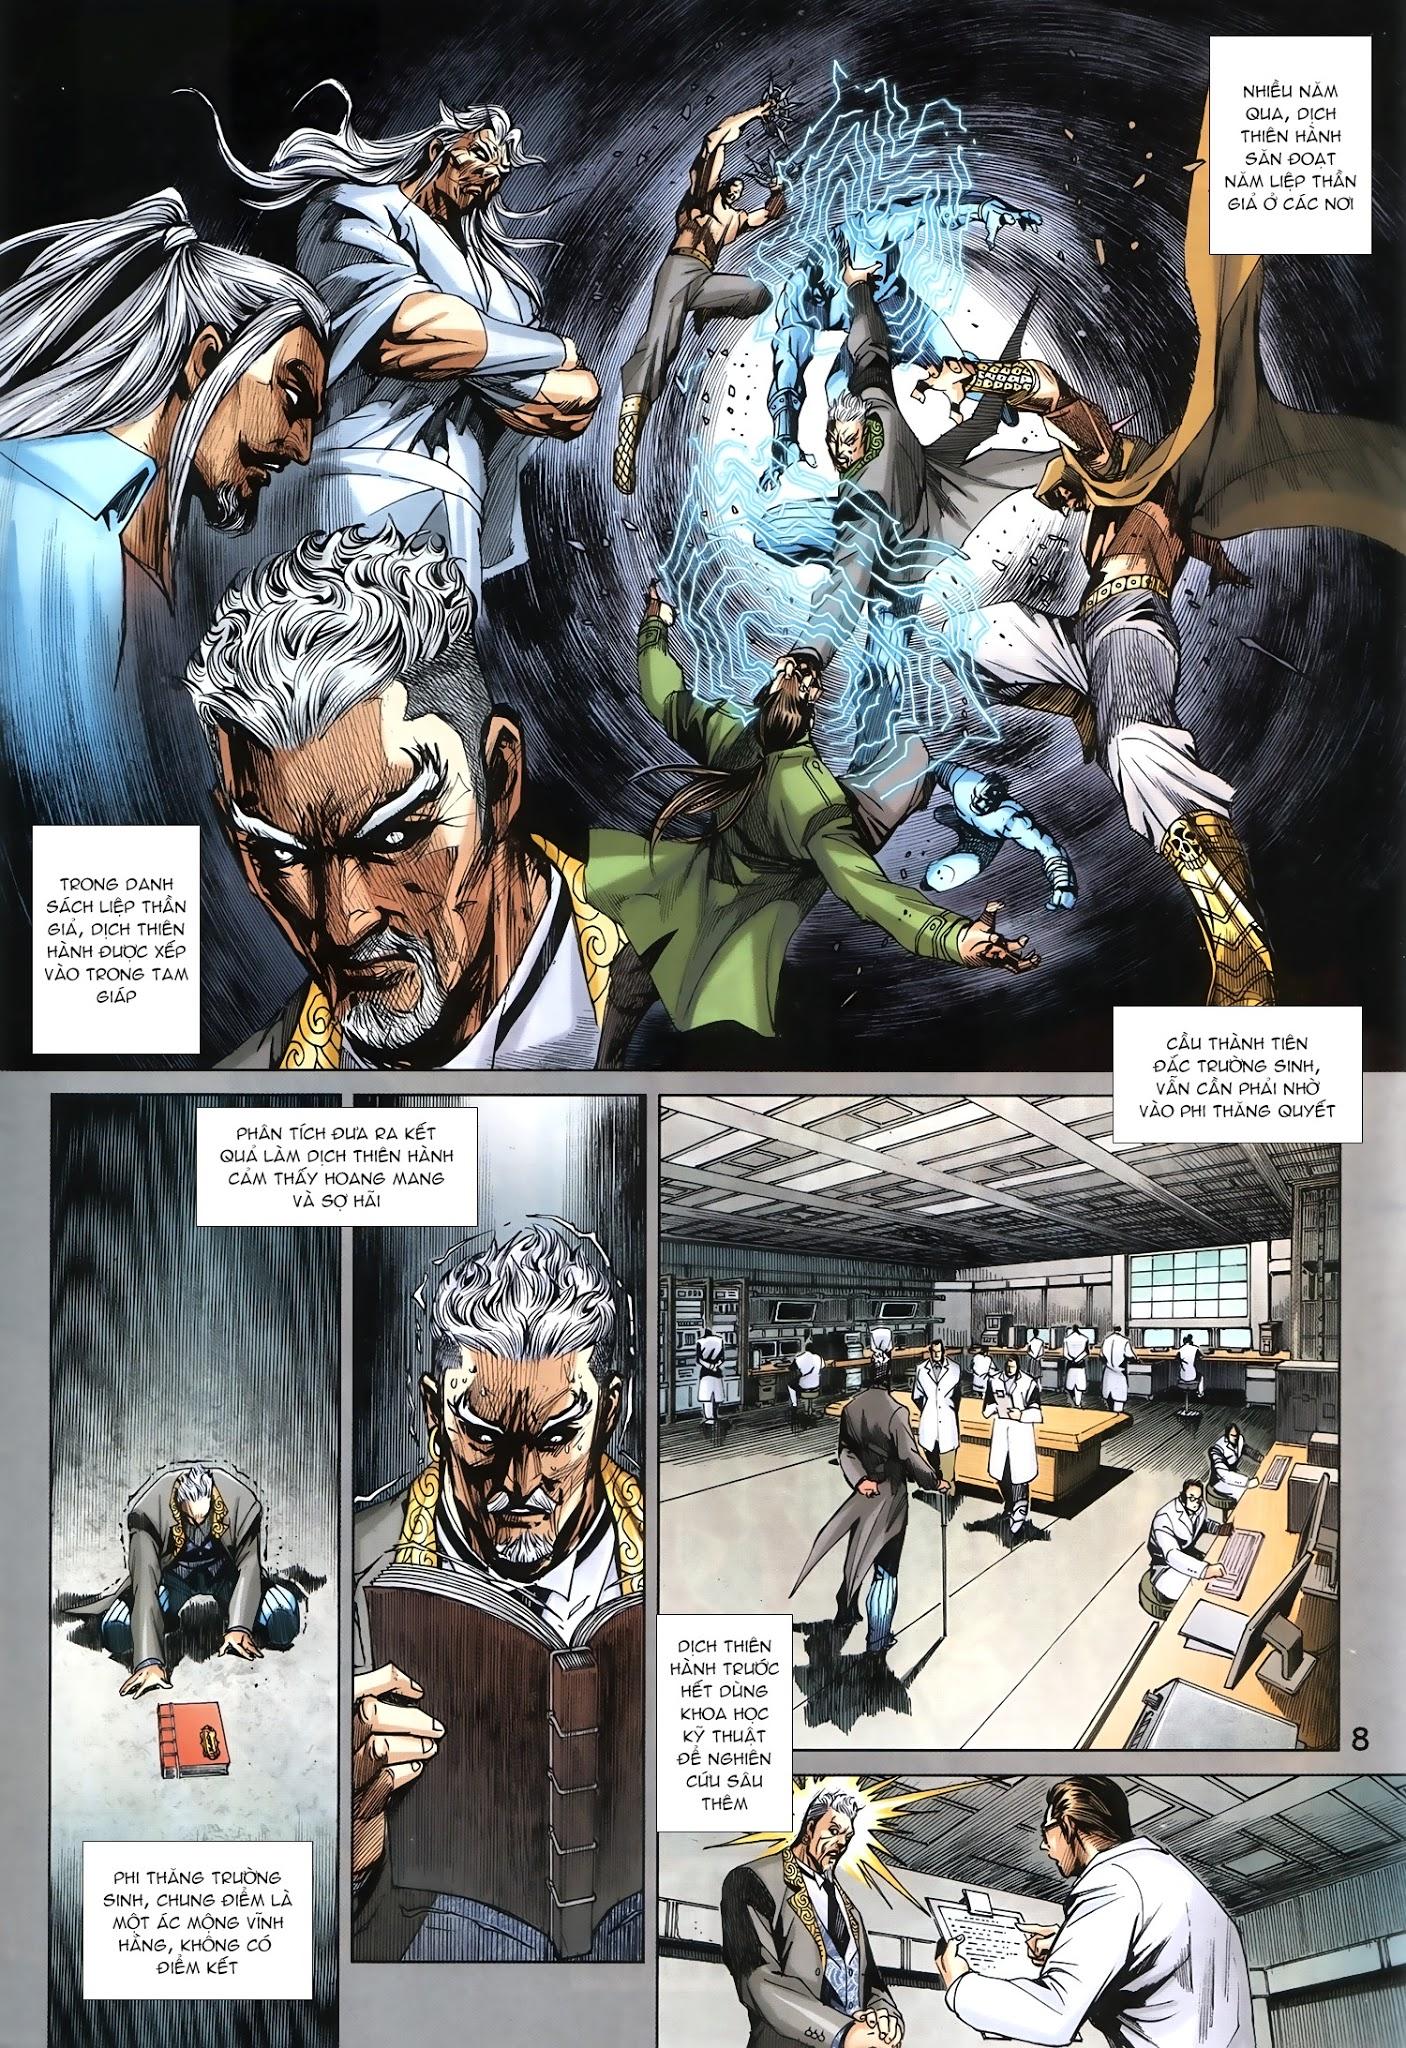 Tân Tác Long Hổ Môn chap 879.1 - Trang 8